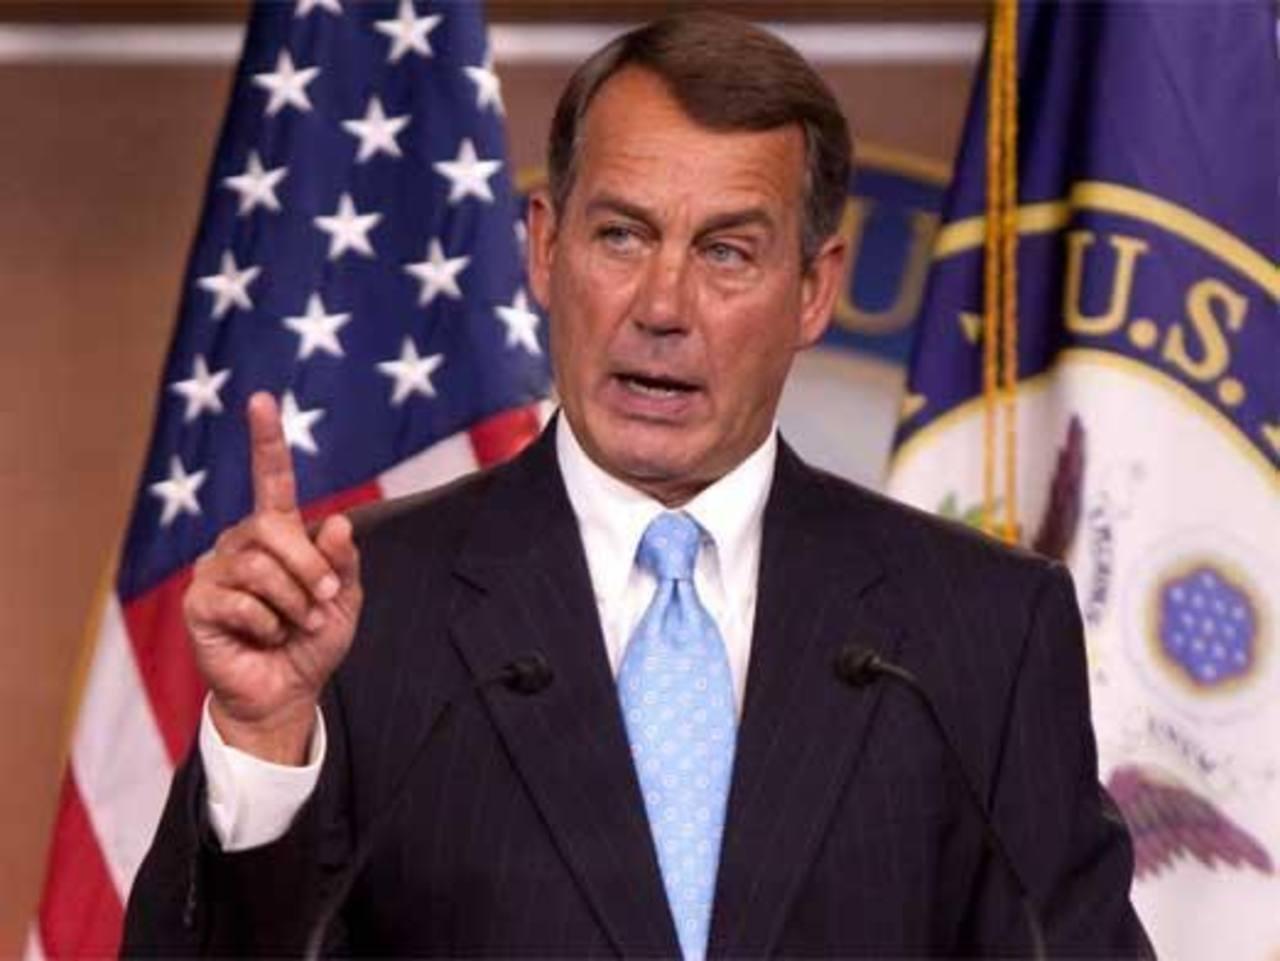 El líder de la mayoría republicana de la Cámara de Representantes, John Boehner. foto edh / internet